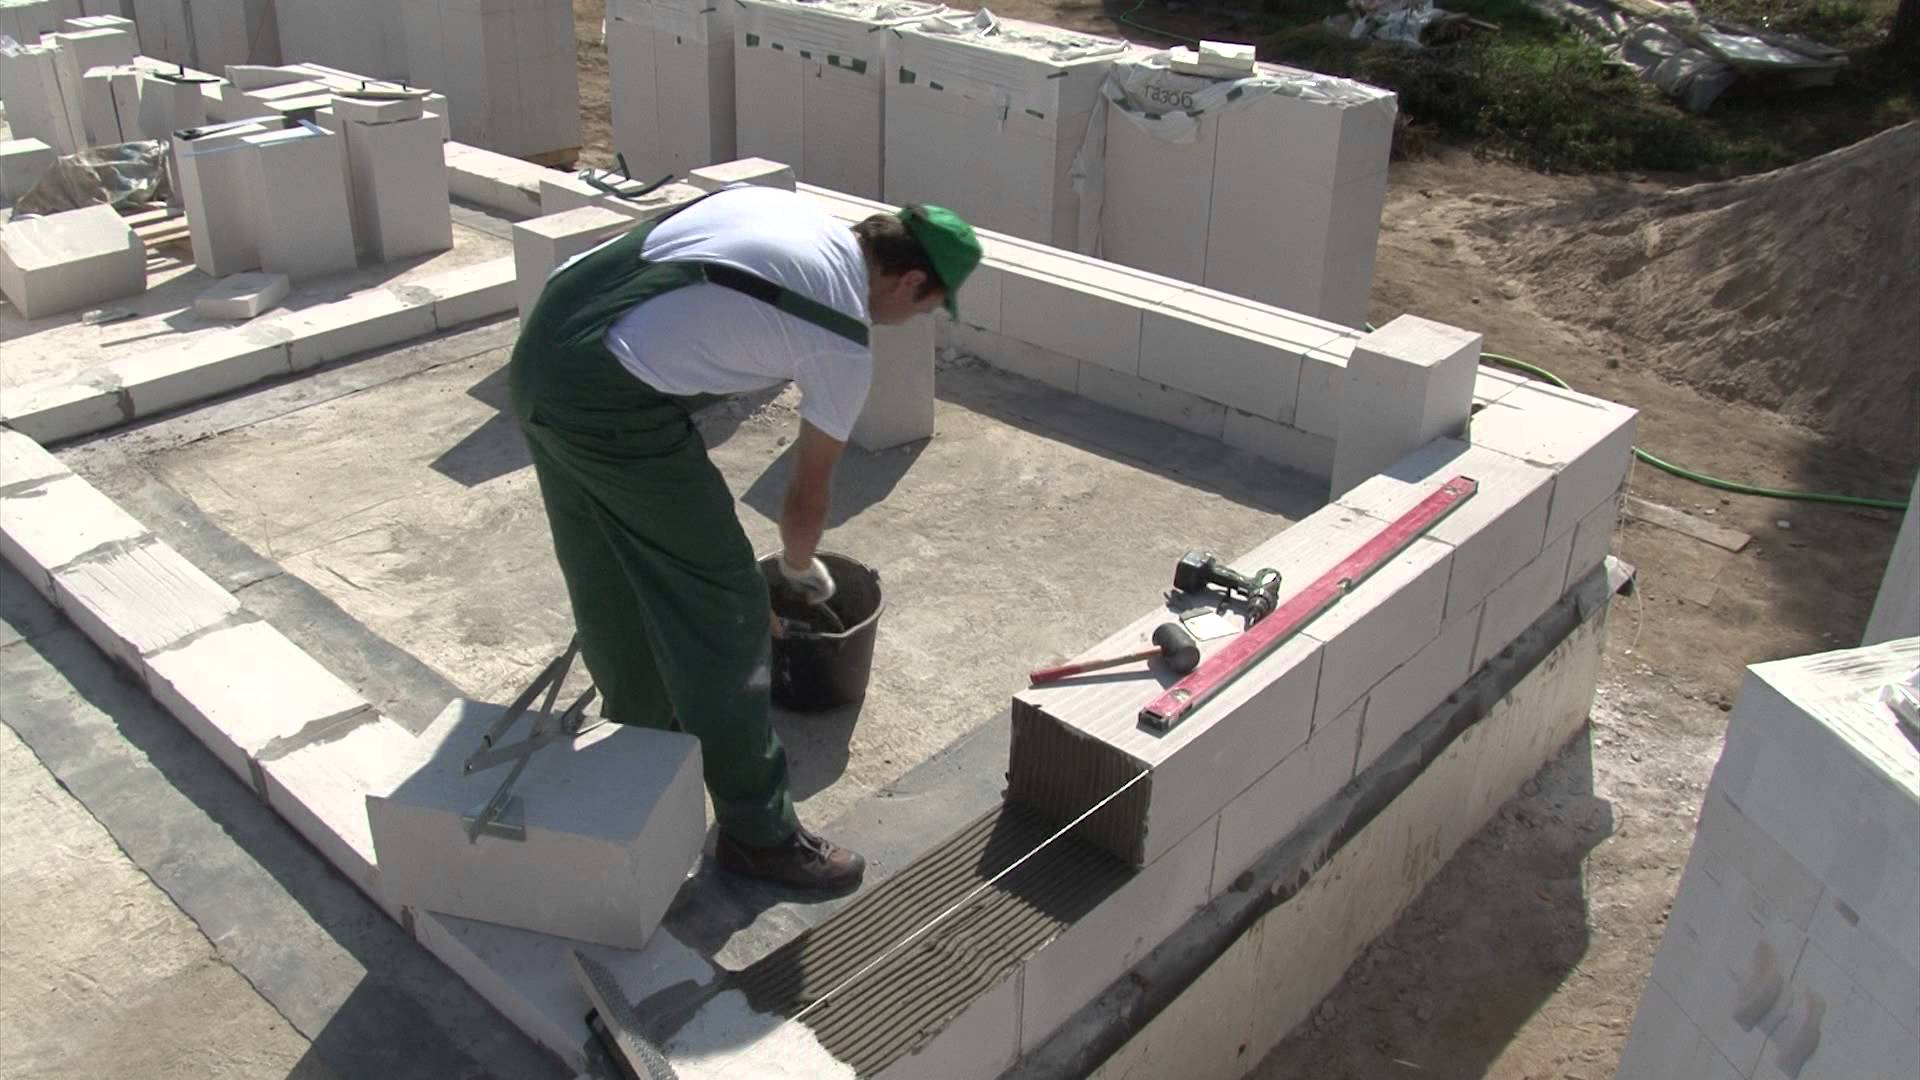 Построить дом можно в одиночку, но а два человека справятся с той работой вообще просто и легко